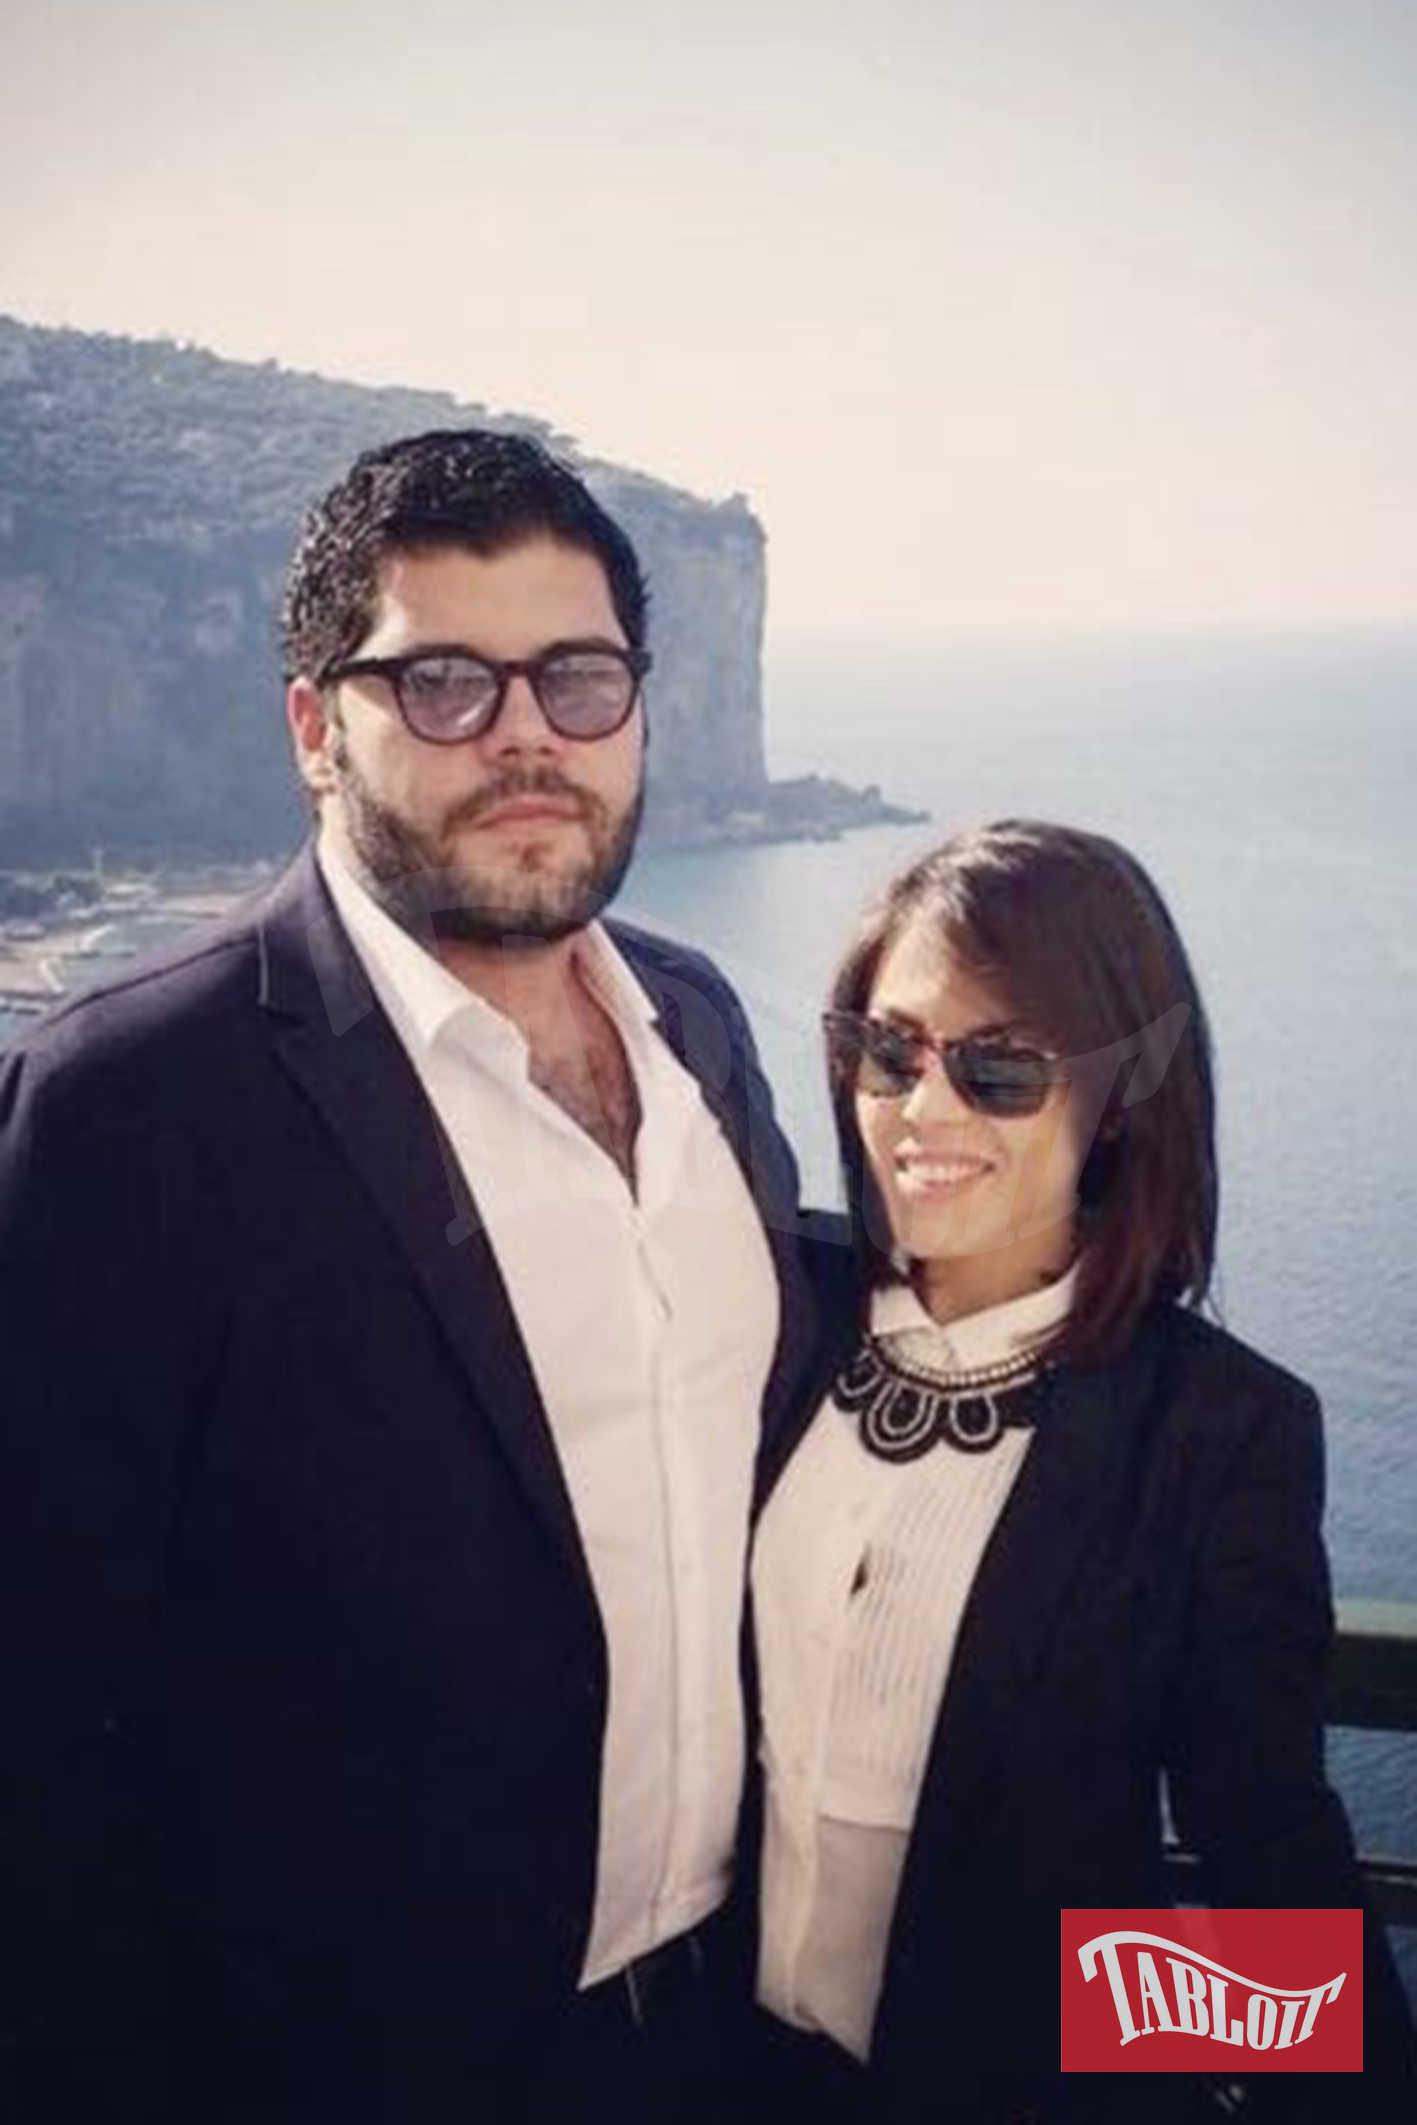 Salvatore Esposito con la fidanzata Paola Rossi, studentessa di giurisprudenza che sogna di fare la cantante